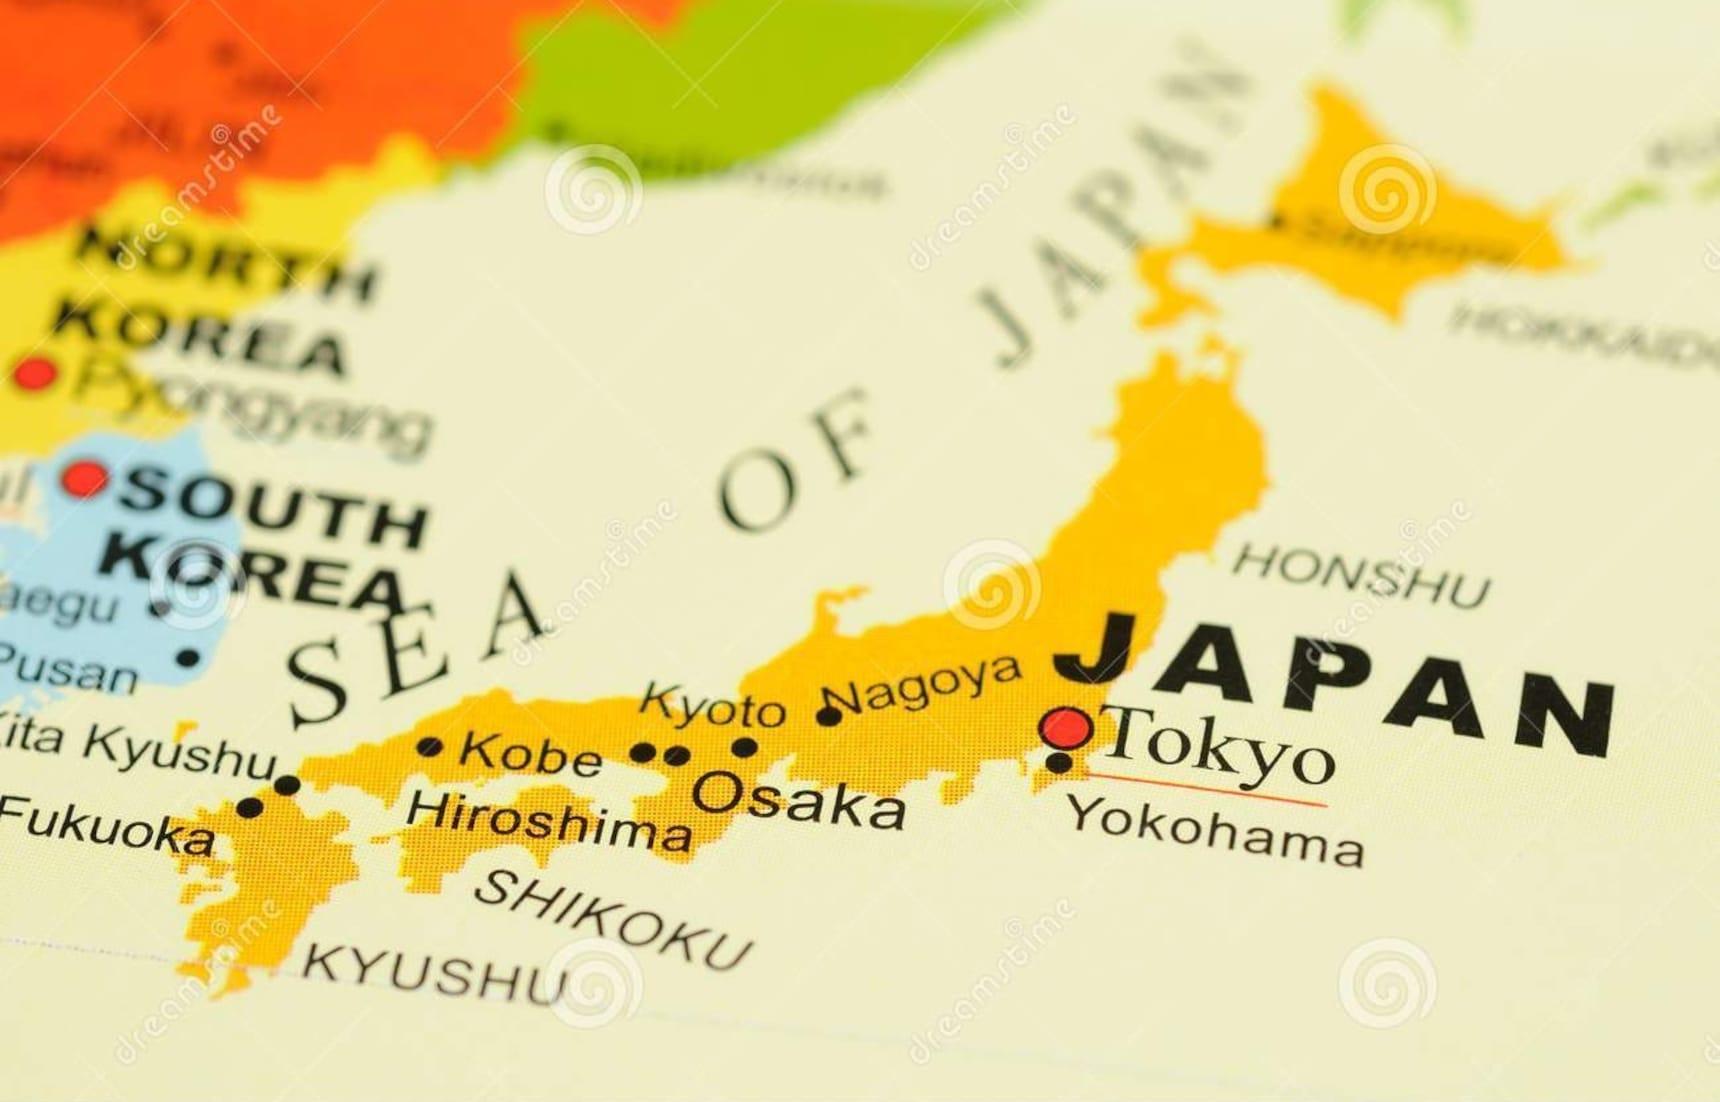 알아두면 편리한 일본어 회화: 쇼핑편